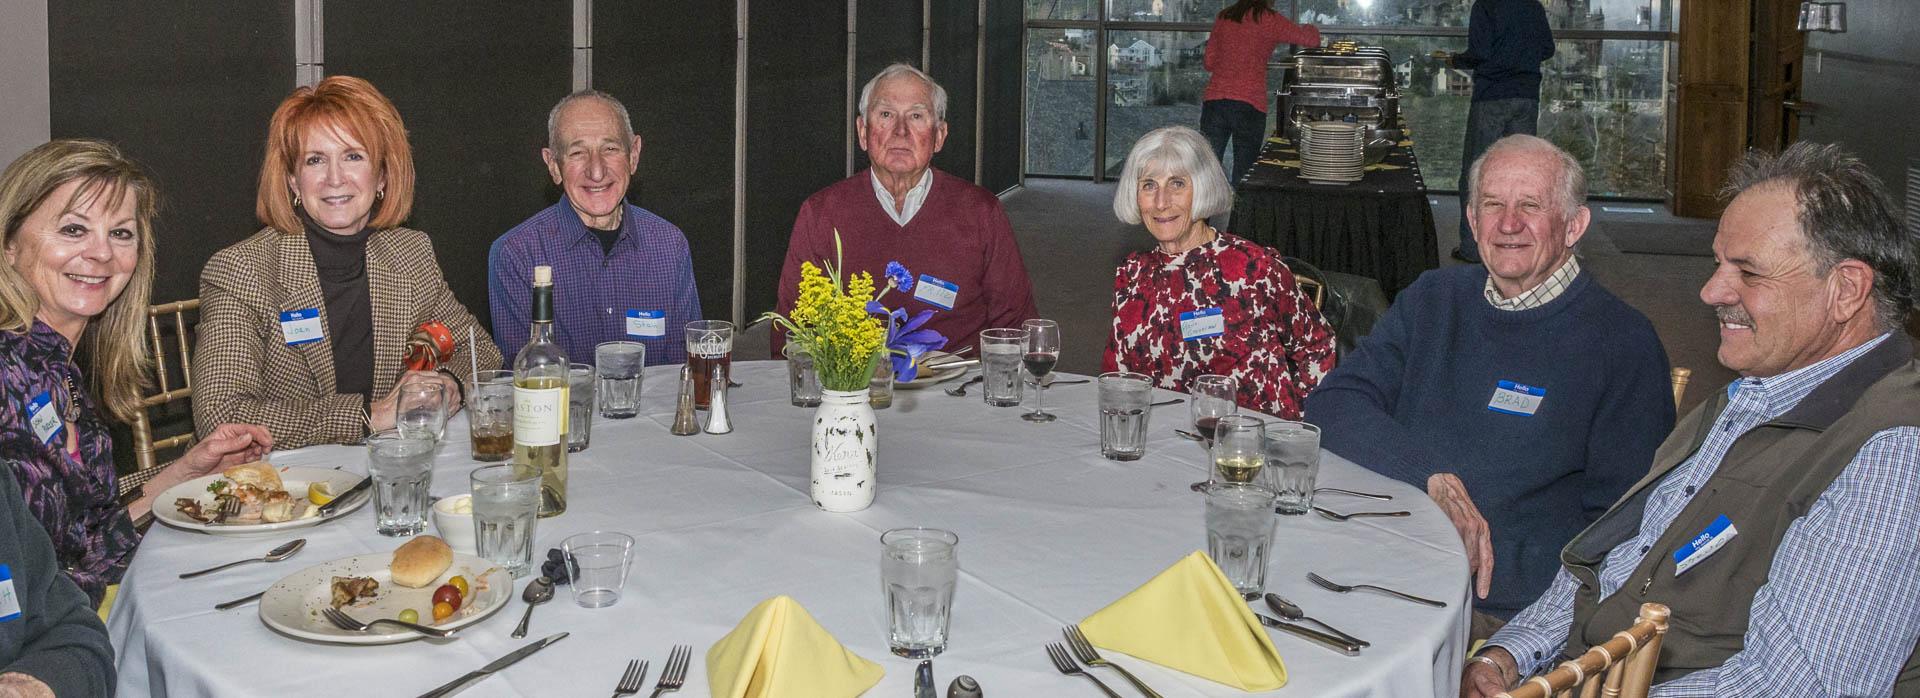 Volunteer-Appreciation-Dinner-2017-1